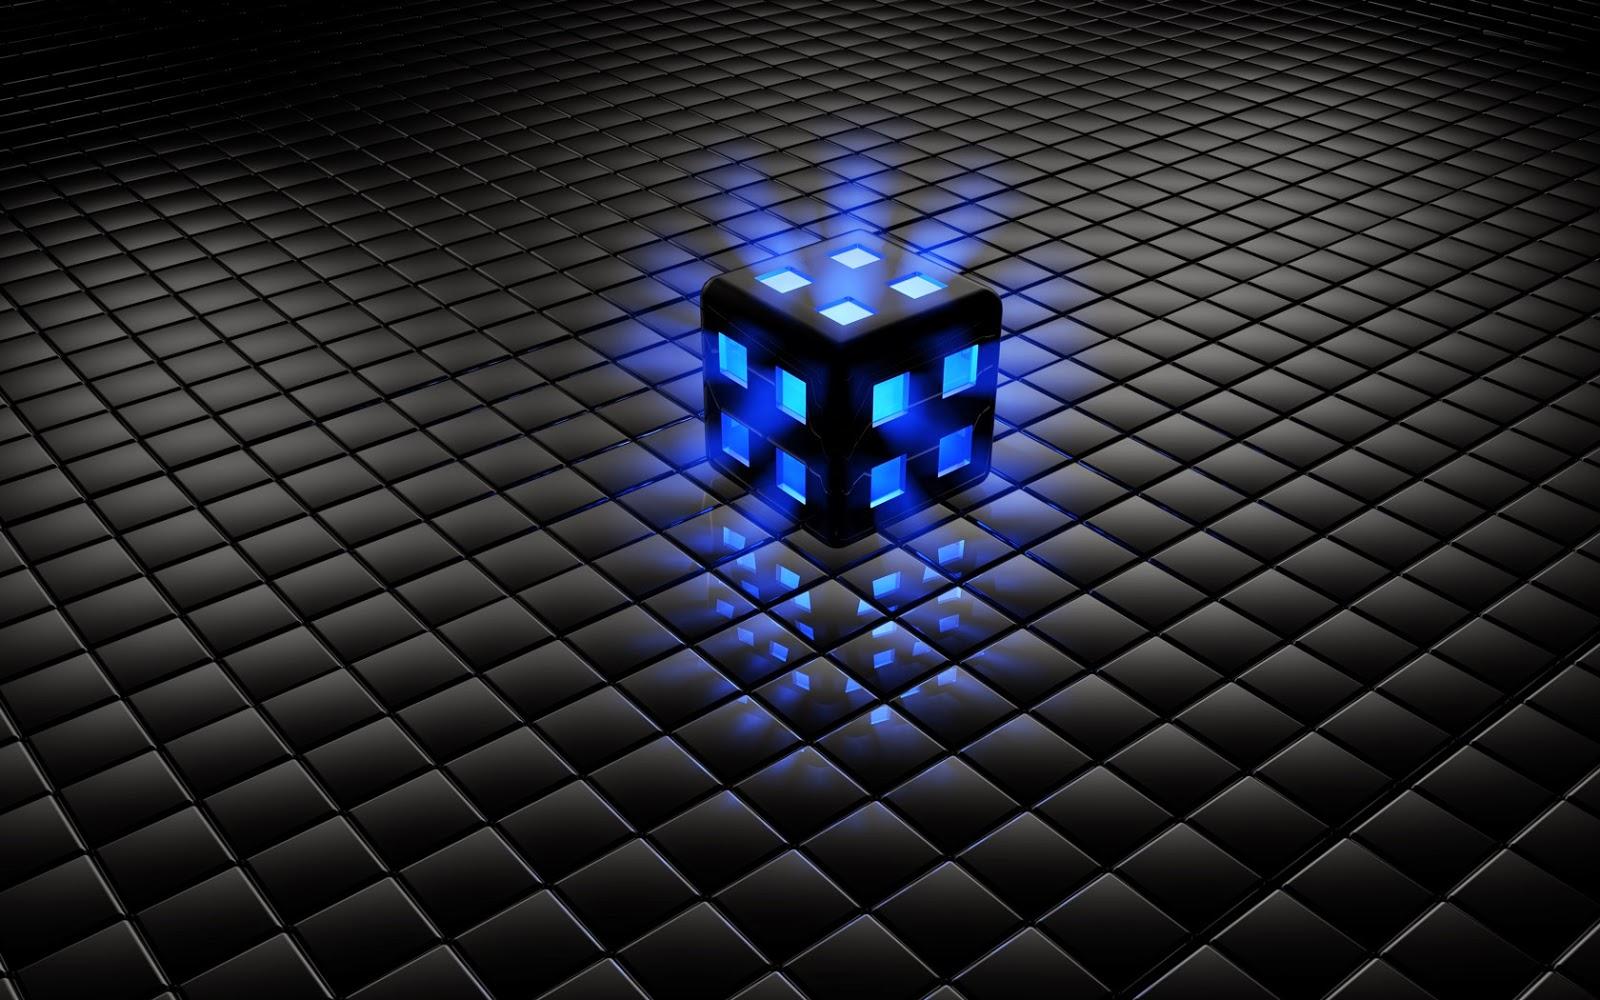 Fondo De Pantalla Abstracto Bolas Azules: Imagenes Hilandy: Fondo De Pantalla Abstracto Cubo Azul